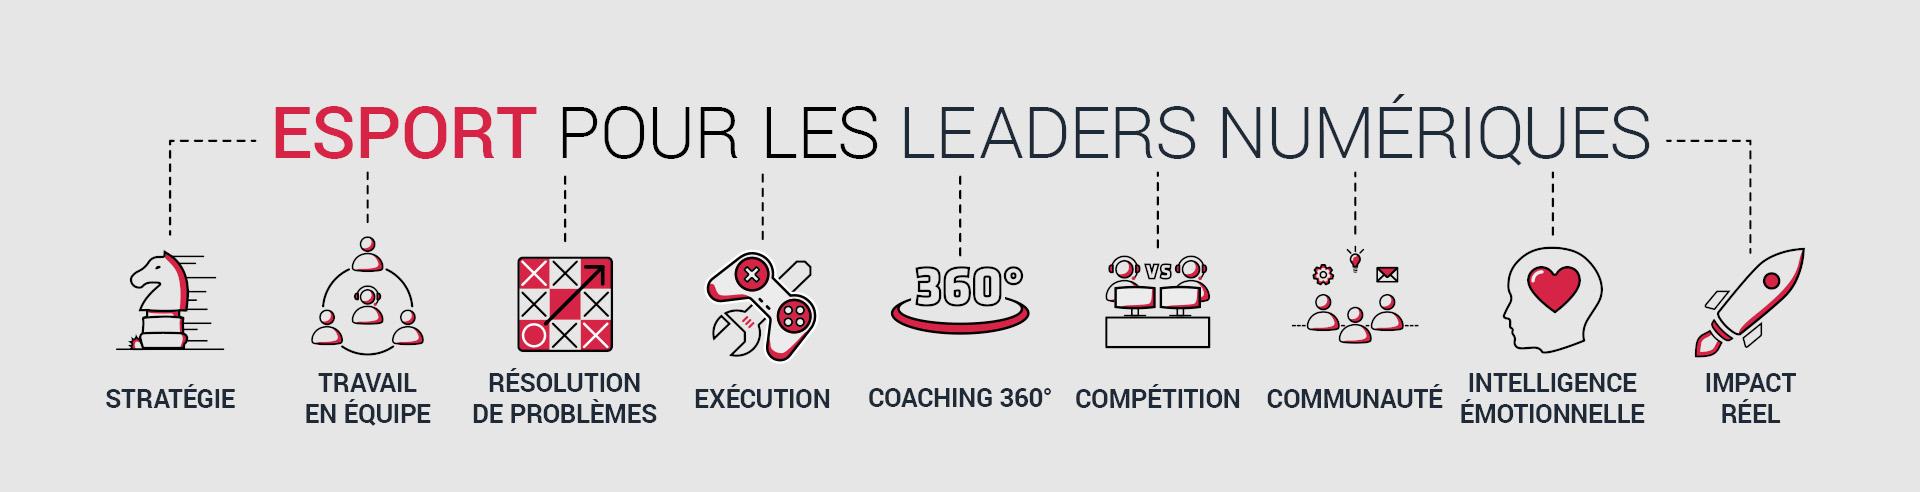 FORMATION ESPORT POUR LES ENTREPRISES: Stratégie, Travail en Équipe, Résolution de Problèmes, Exécution, Coaching 360°, Compétition, Communauté, Intelligence Émotionnelle, Impact Directe